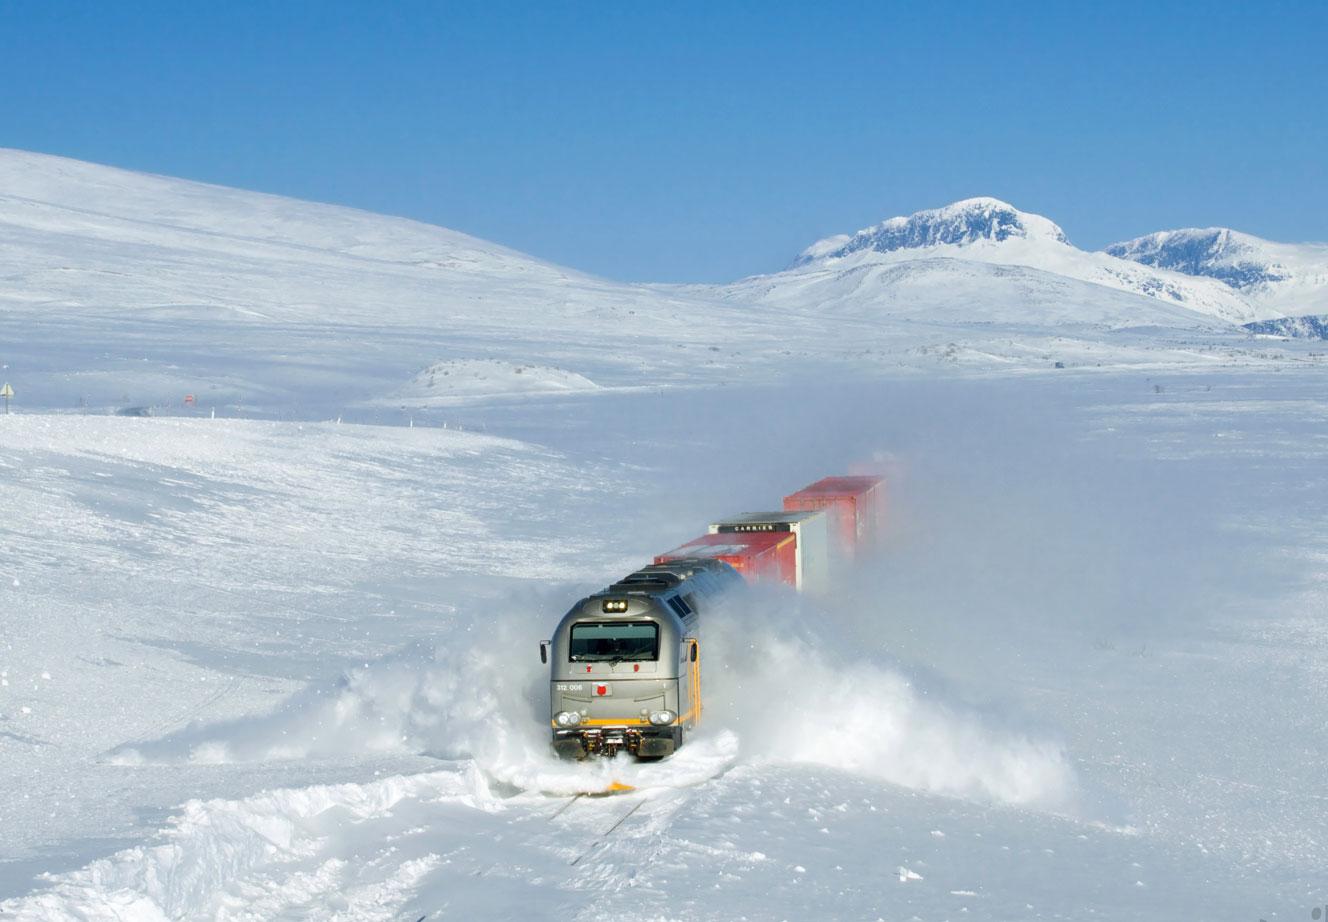 المواصلات العامة في النرويج :